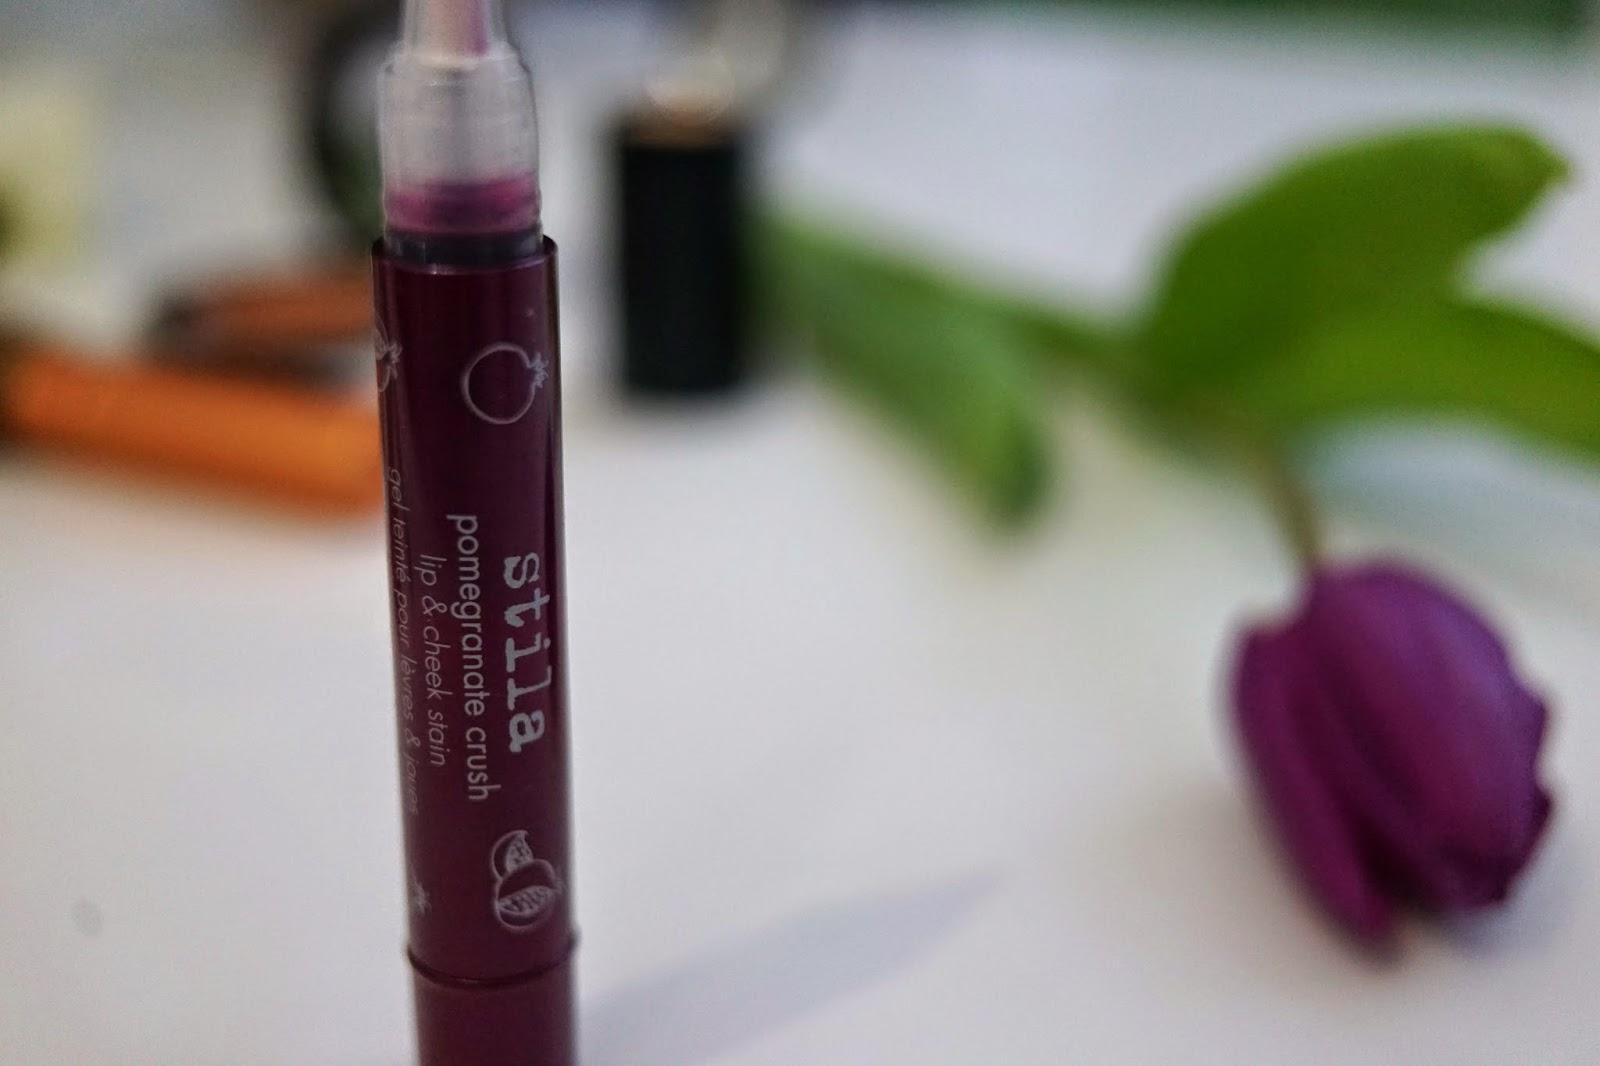 Stila Pomegranate Crush Lip & Cheek Stain